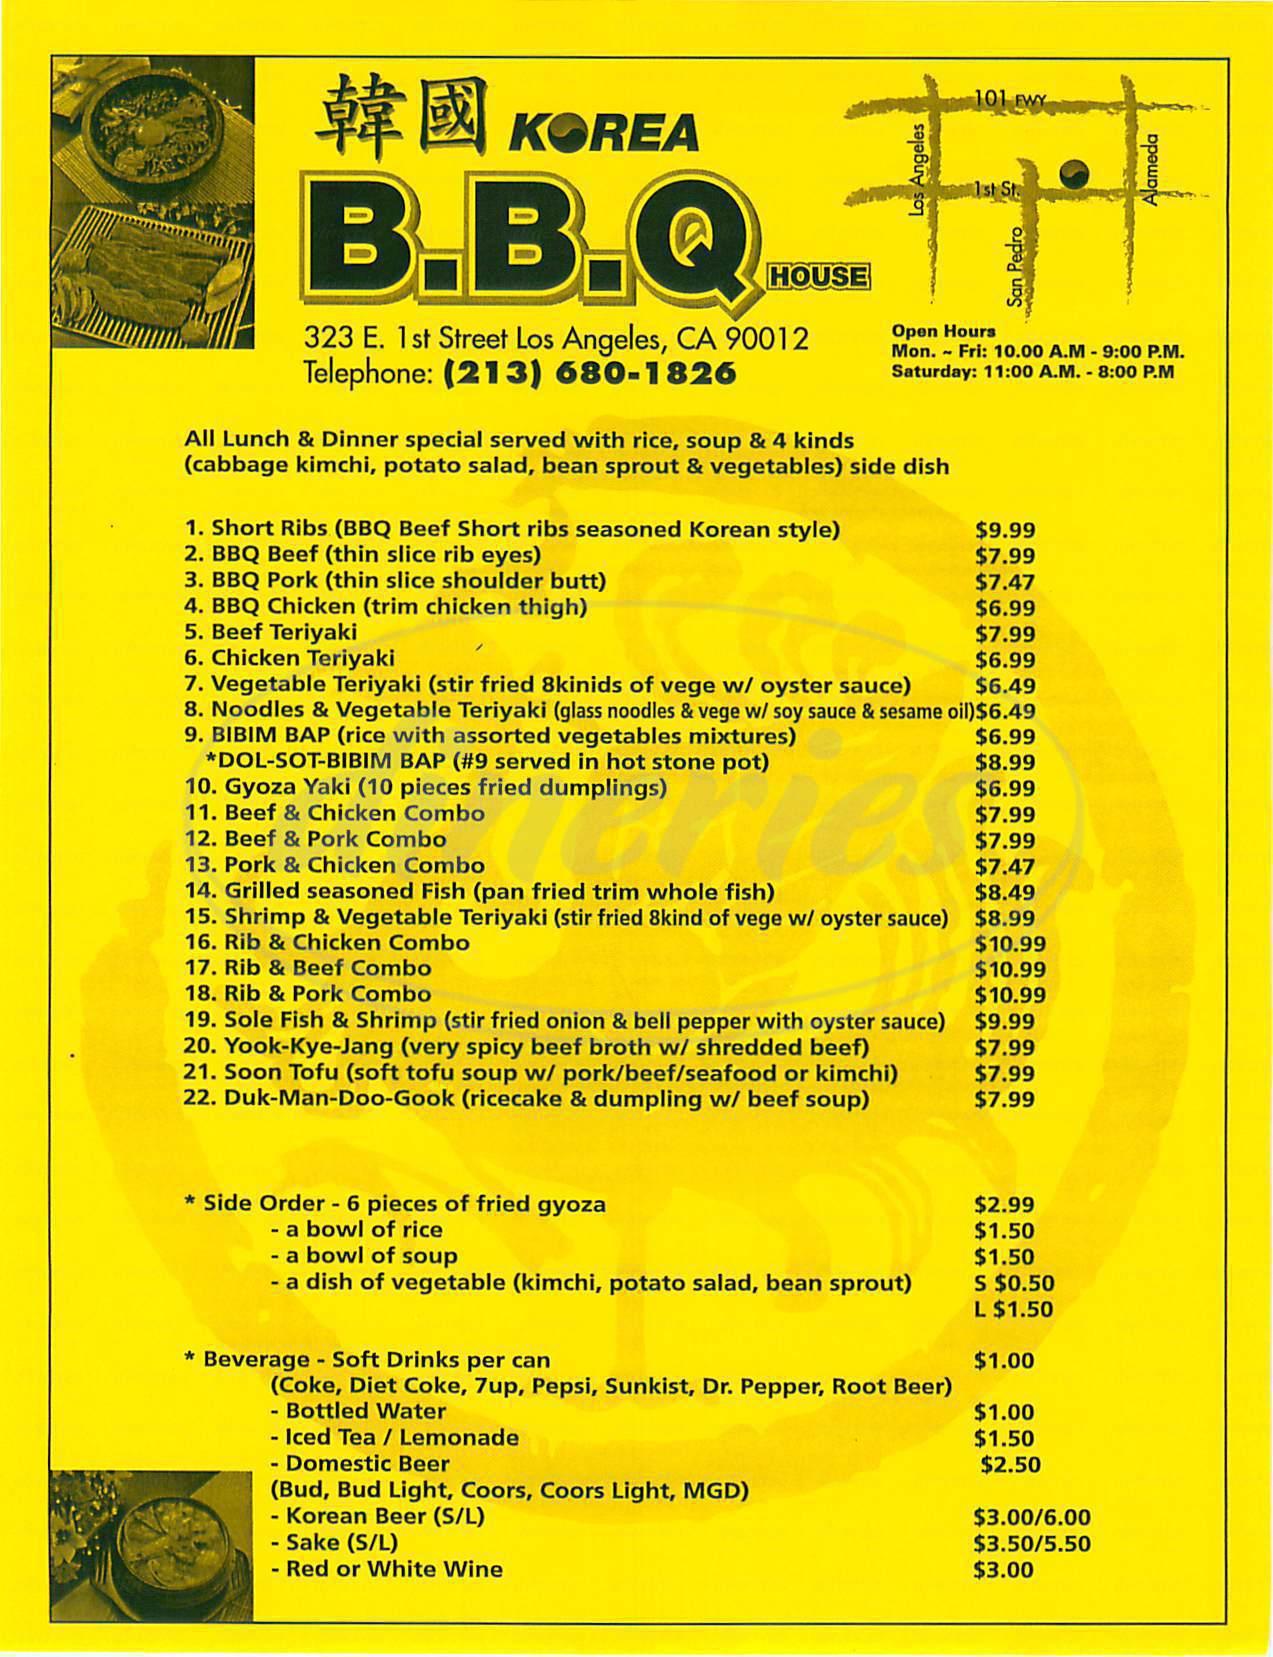 menu for Korea BBQ